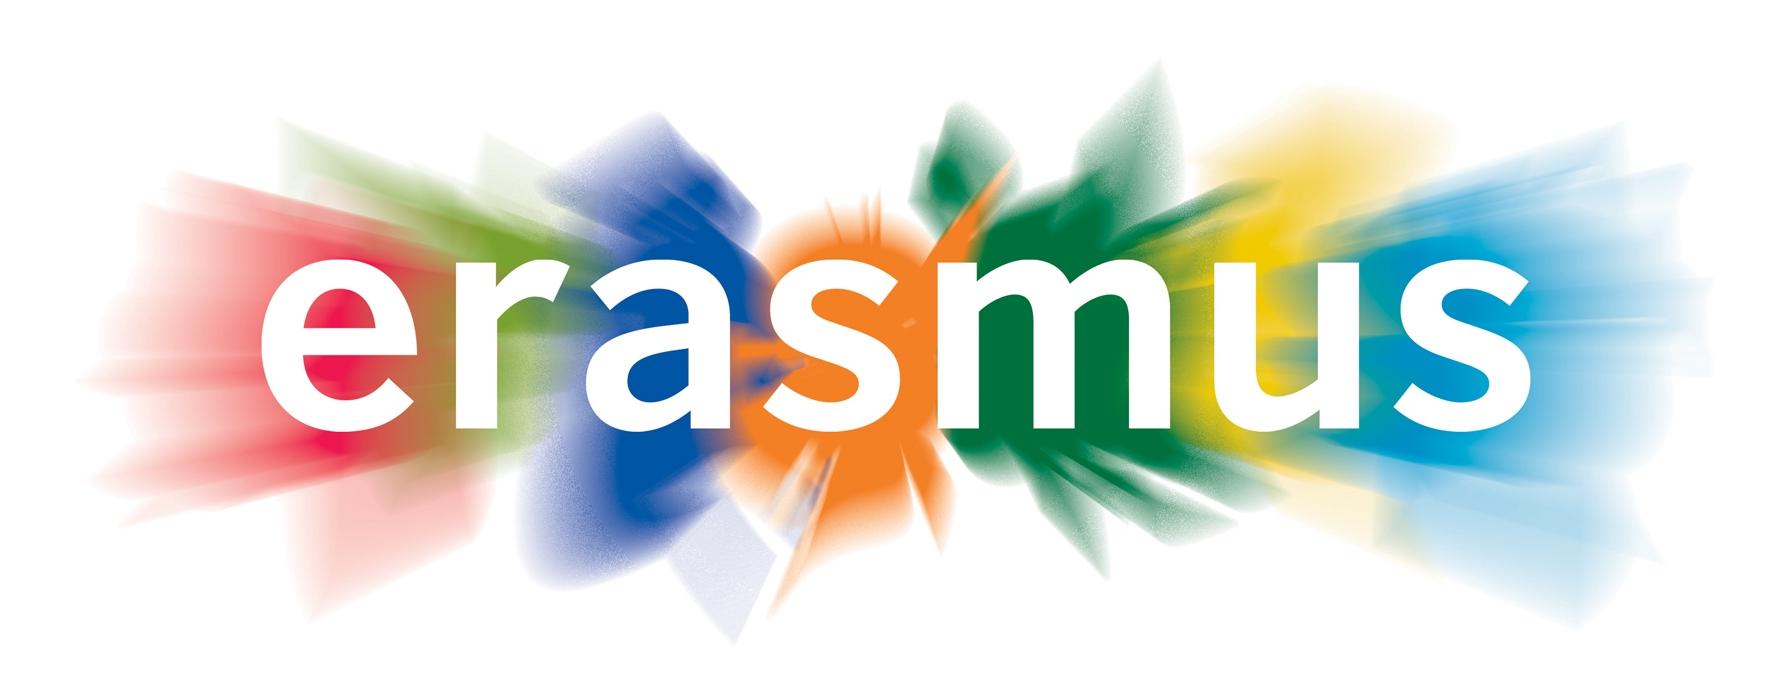 Μελέτη της Ευρωπαϊκής Επιτροπής για τον αντίκτυπο του προγράμματος Erasmus  | Κοινωνικη Πολιτικη Κοινωνικη Θεωρια